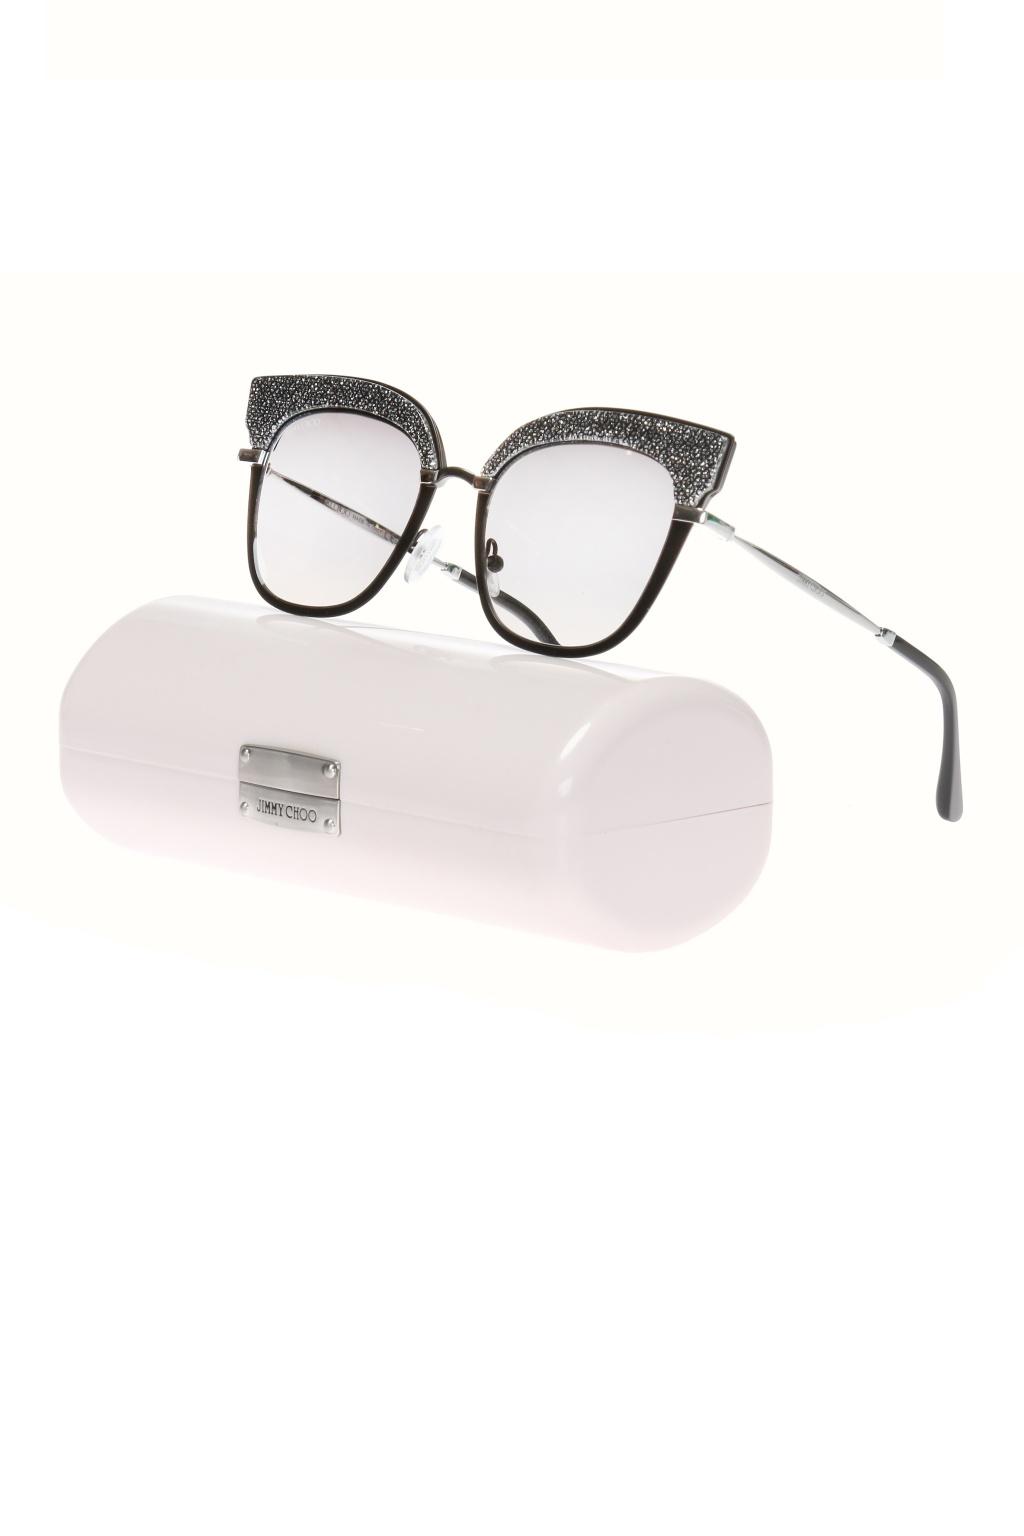 Jimmy Choo 'Rosy' sunglasses